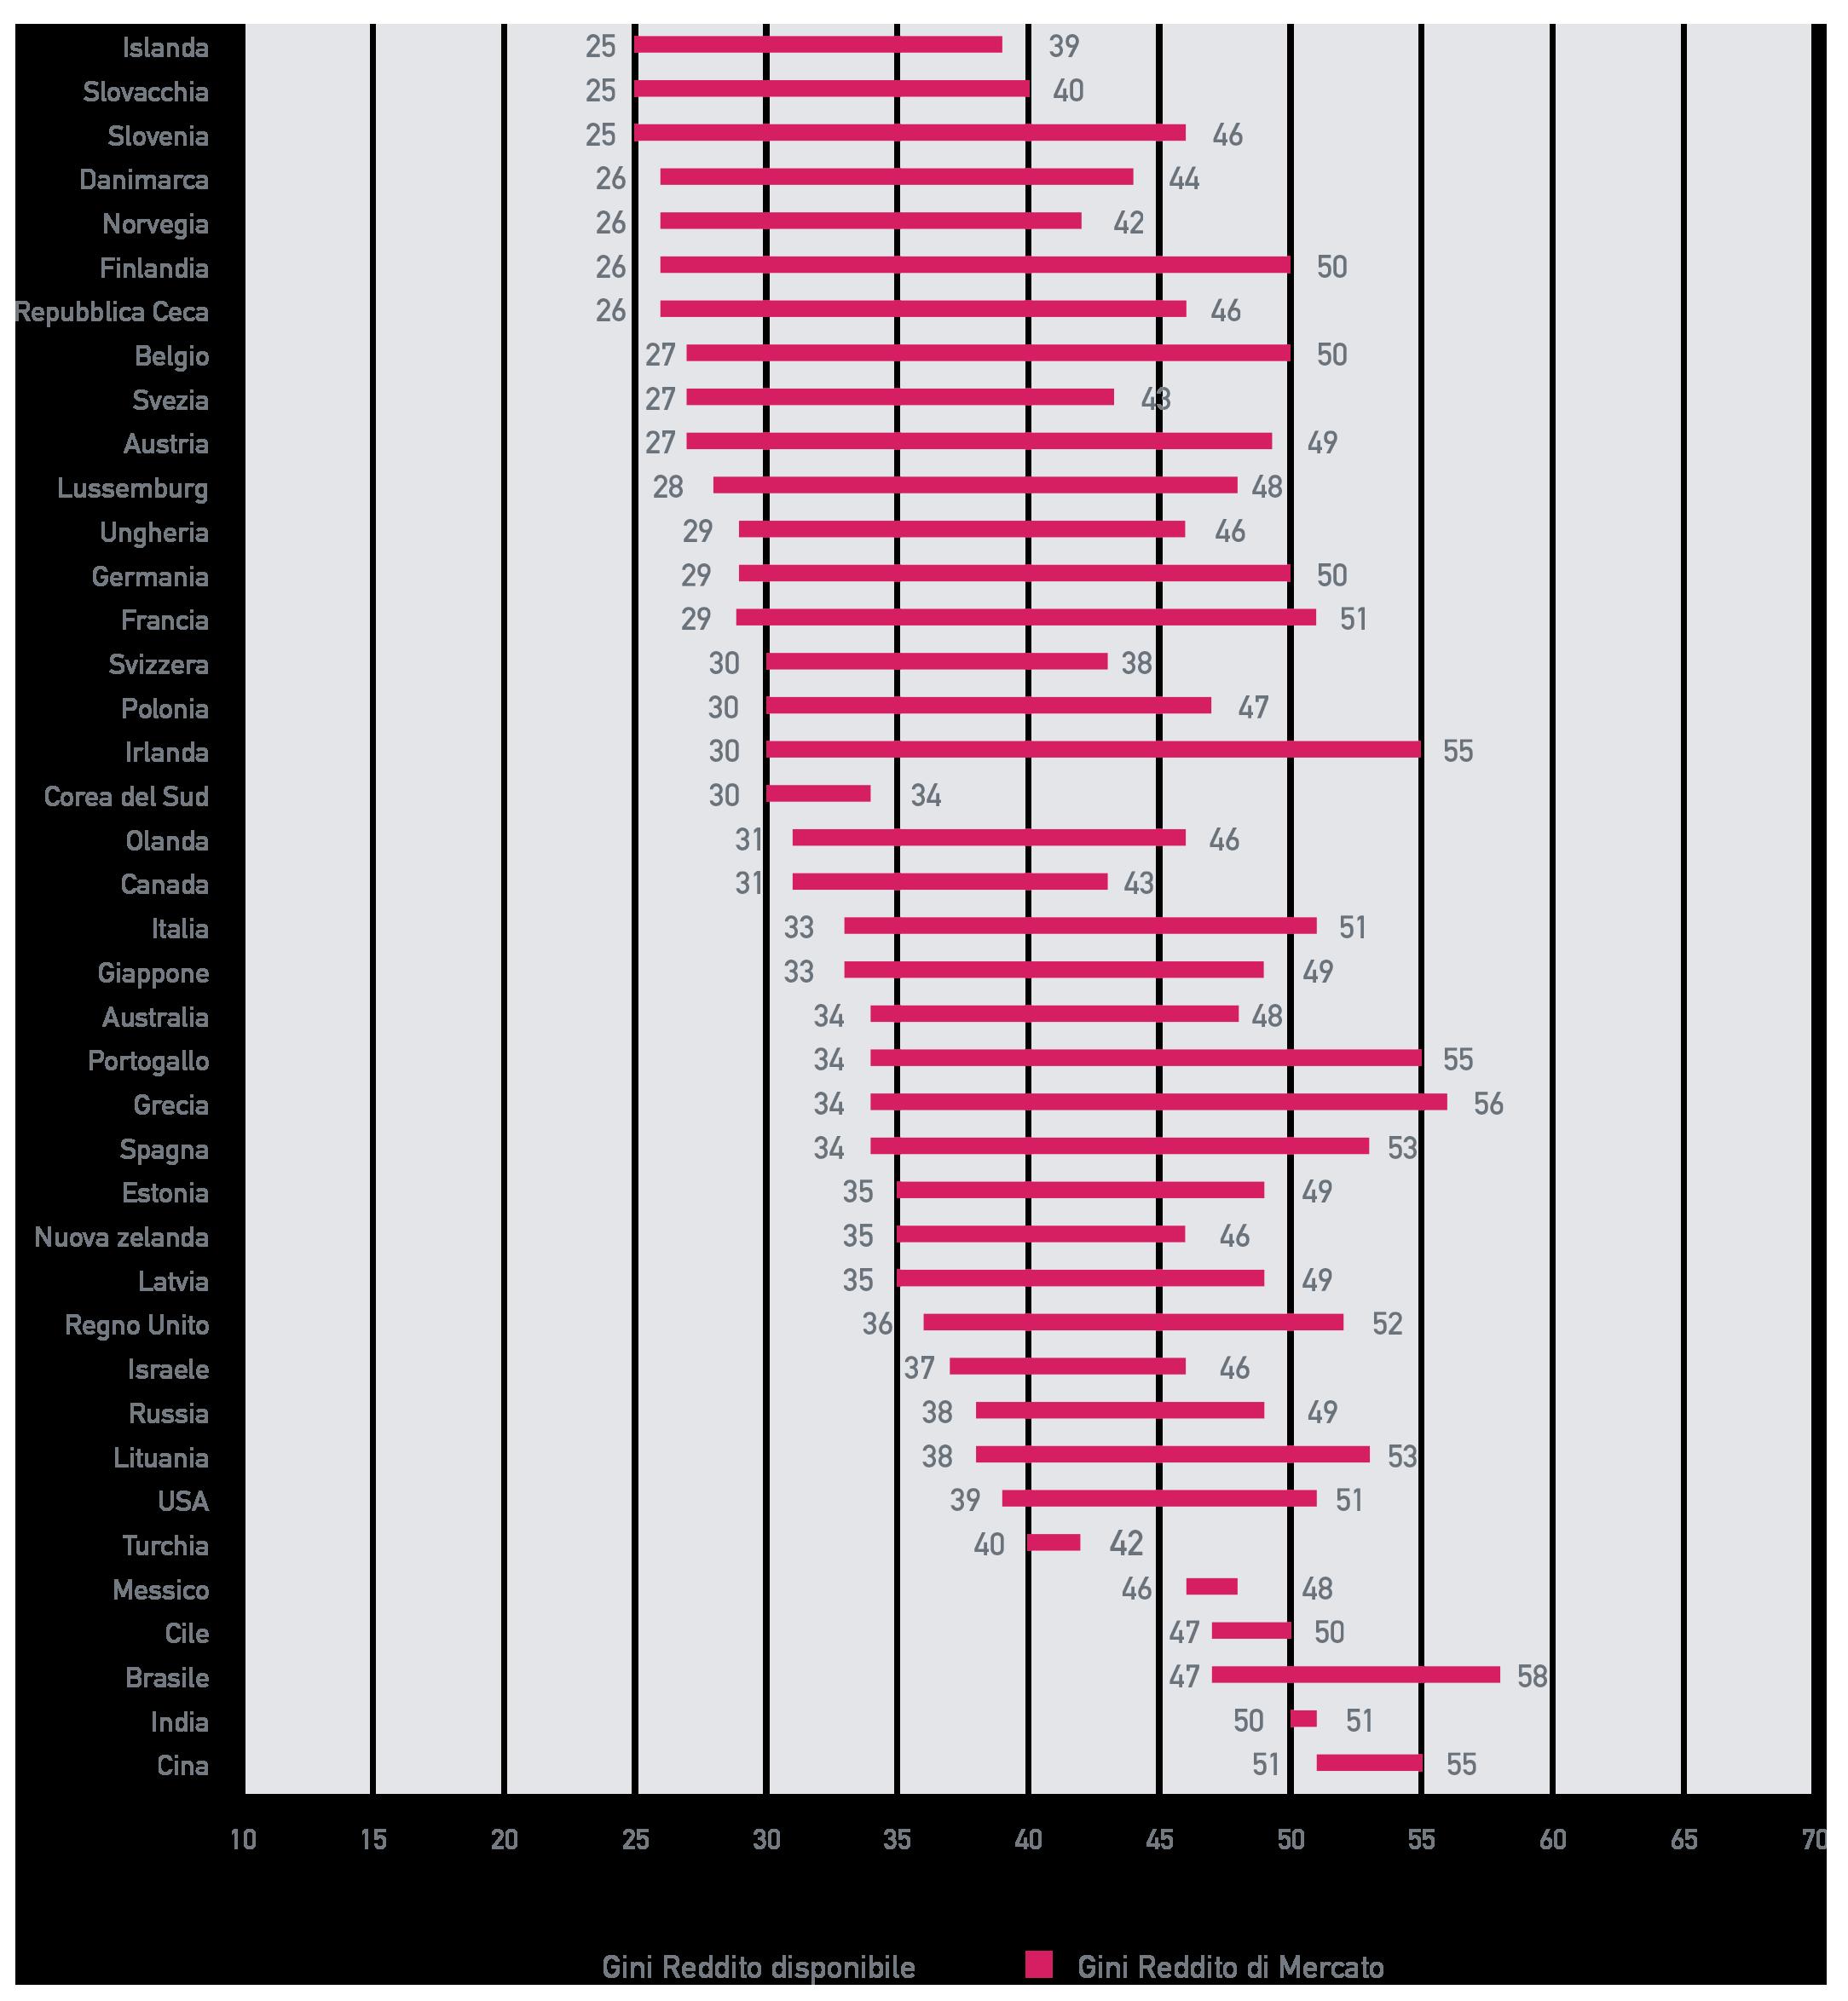 Assai più elevata è la disuguaglianza dei redditi di mercato, prima di ogni intervento redistributivo dello Stato. In Italia l'indice di Gini per la distribuzione dei redditi di mercato è di circa 20 punti percentuali peggiore rispetto a quello per la distribuzione dei redditi effettivamente disponibili dalle famiglie.